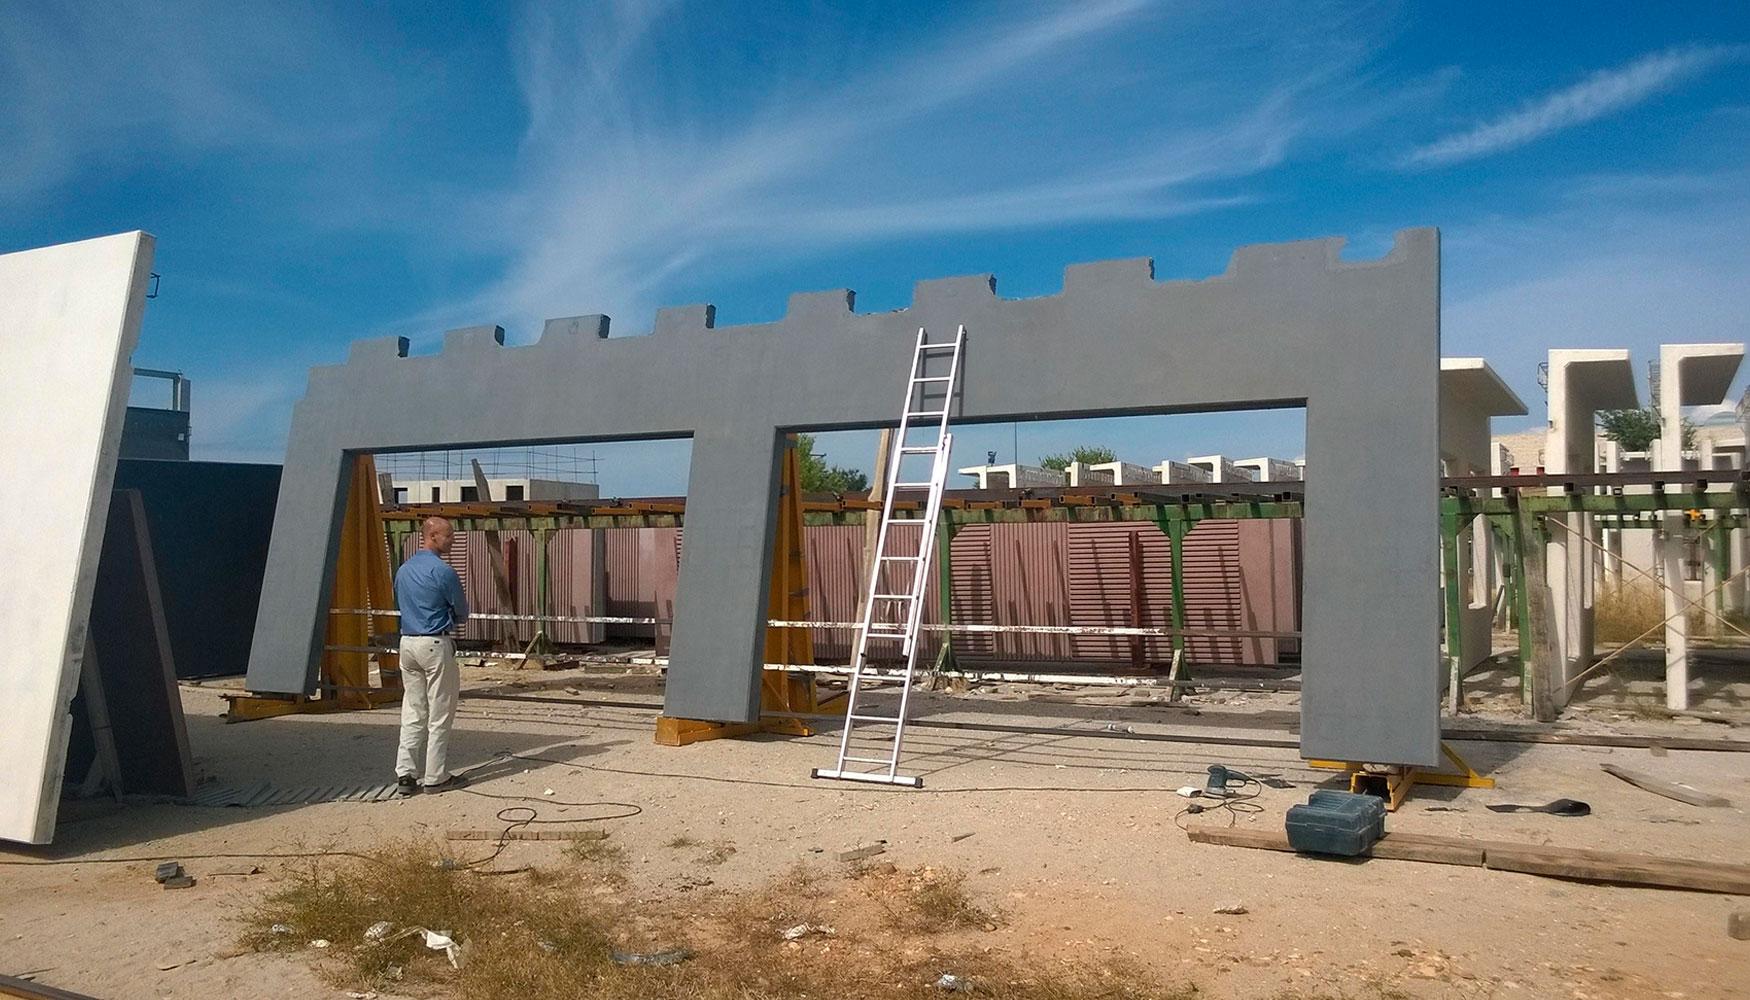 La construcción industrializada reduce los consumos de agua y energía - Construcción industrializada